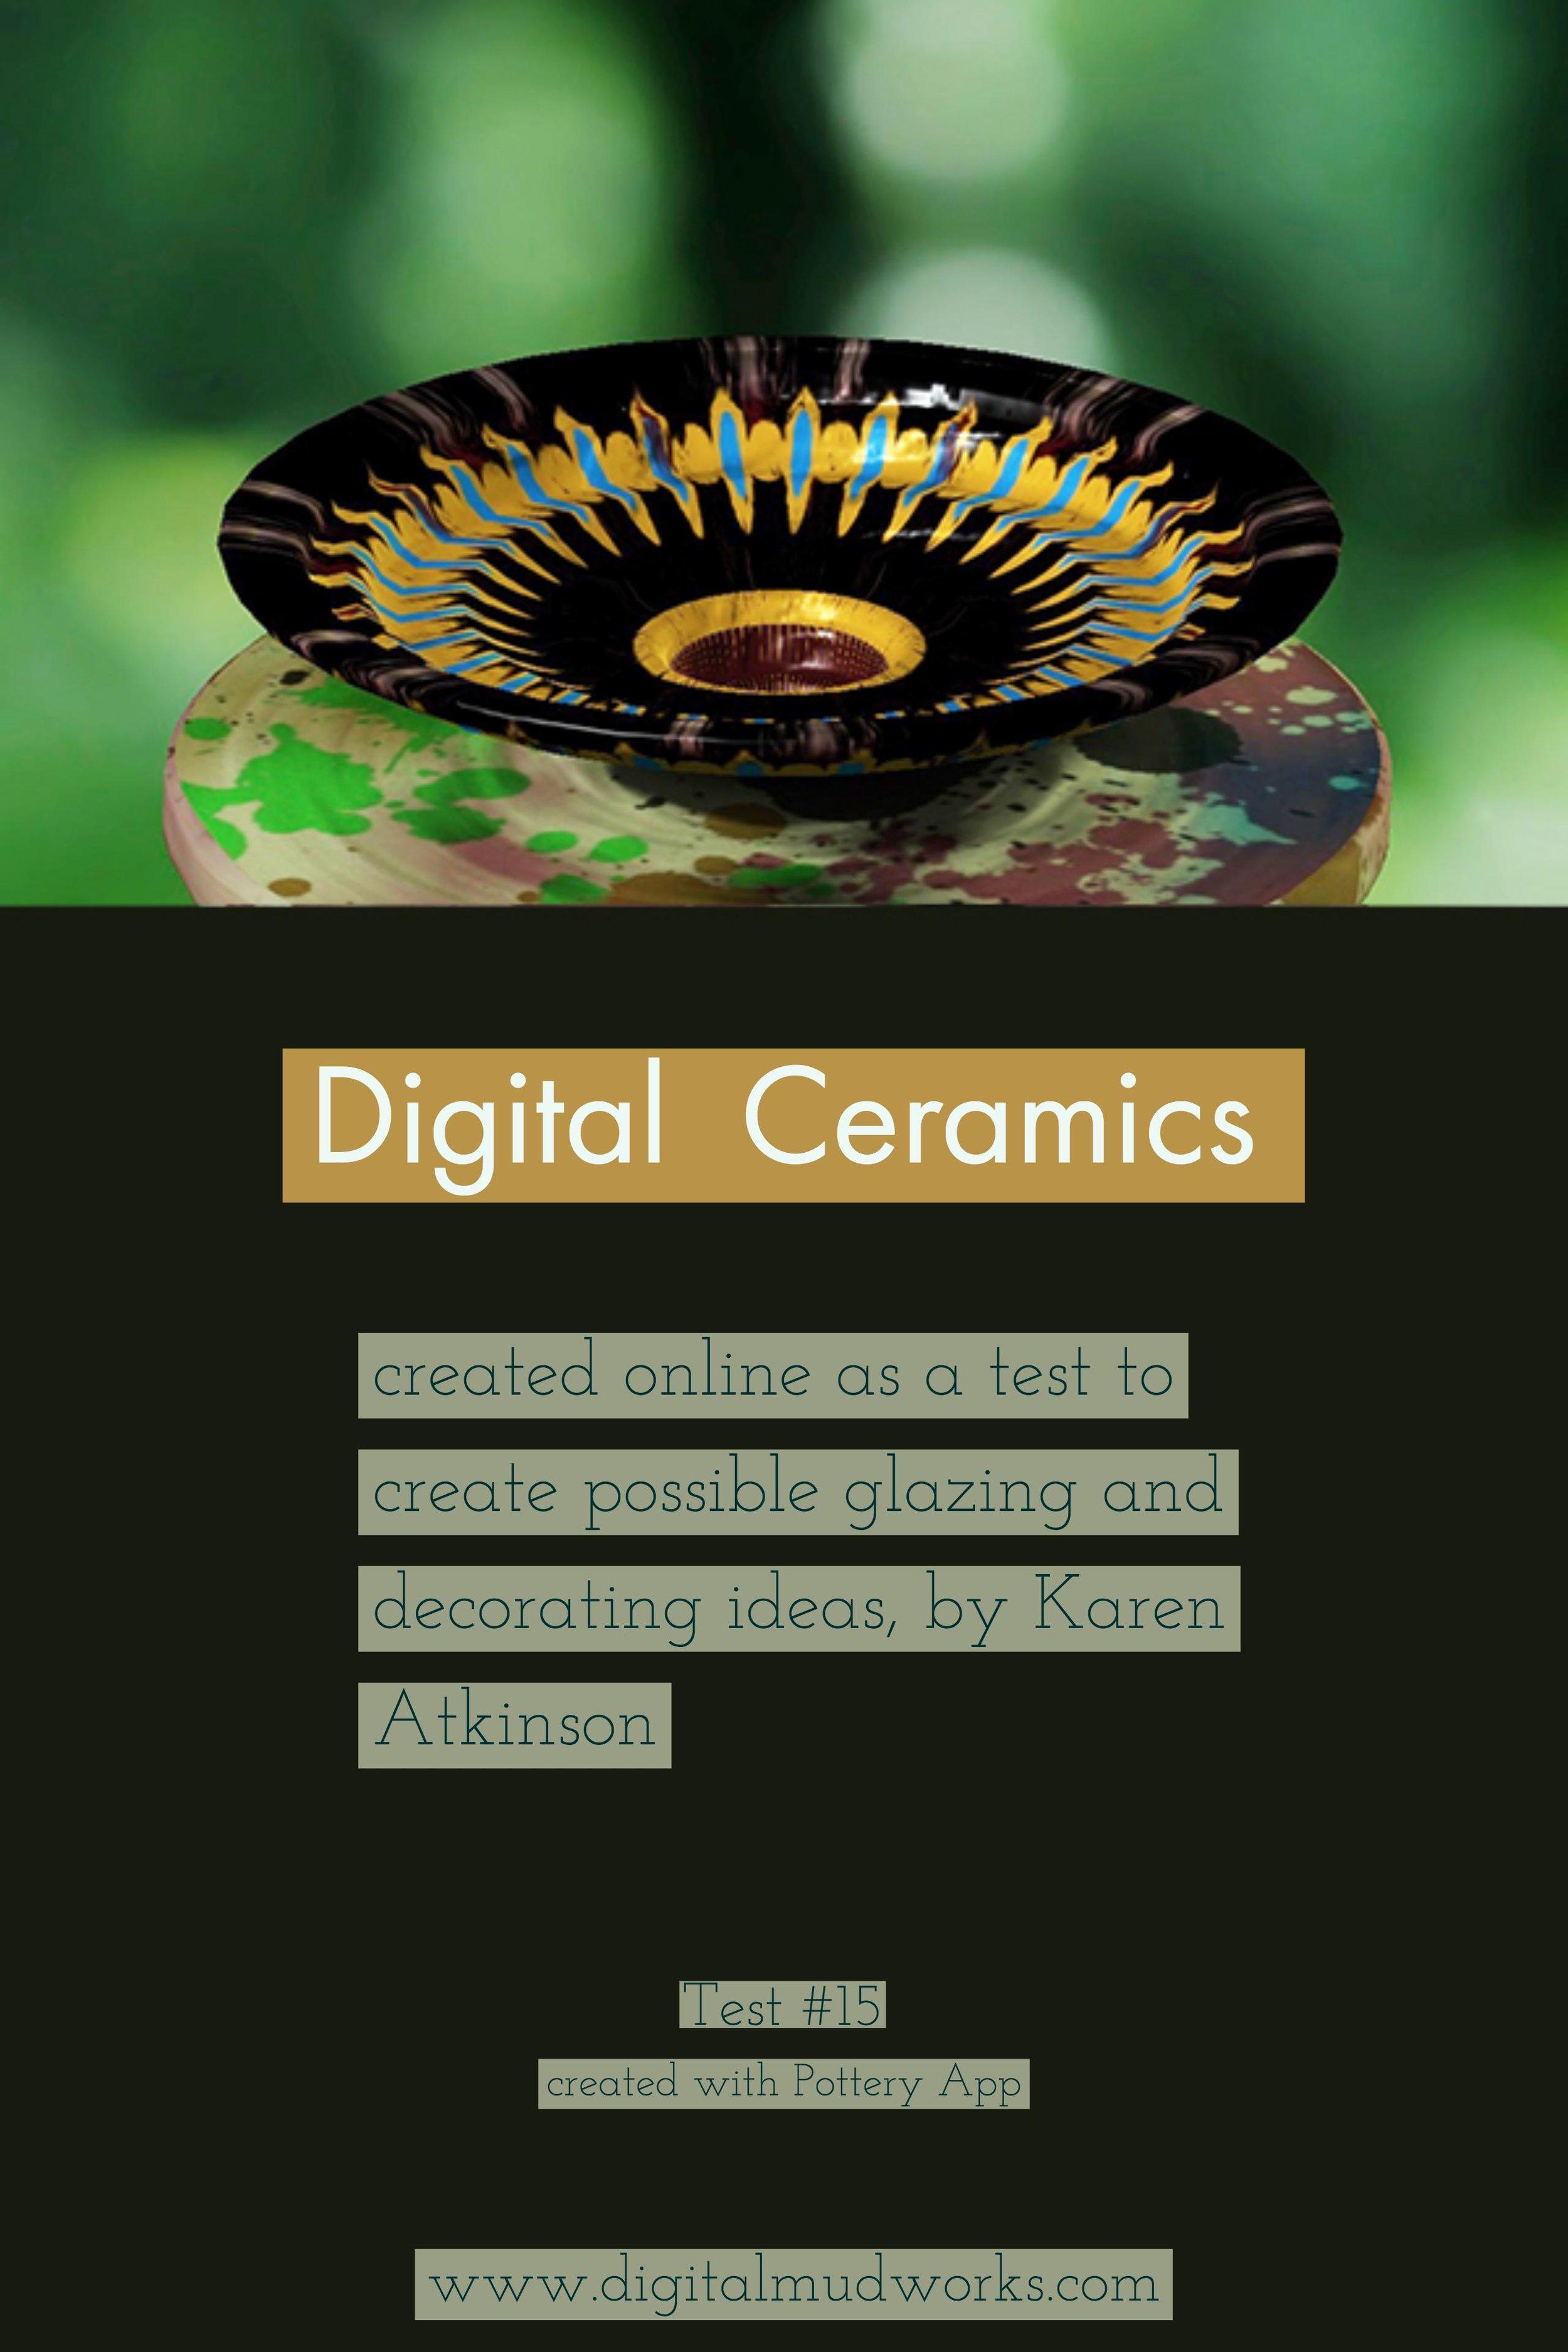 Digital Ceramics Test 015, using a computer app to do glaze and design tests. by Karen Atkinson